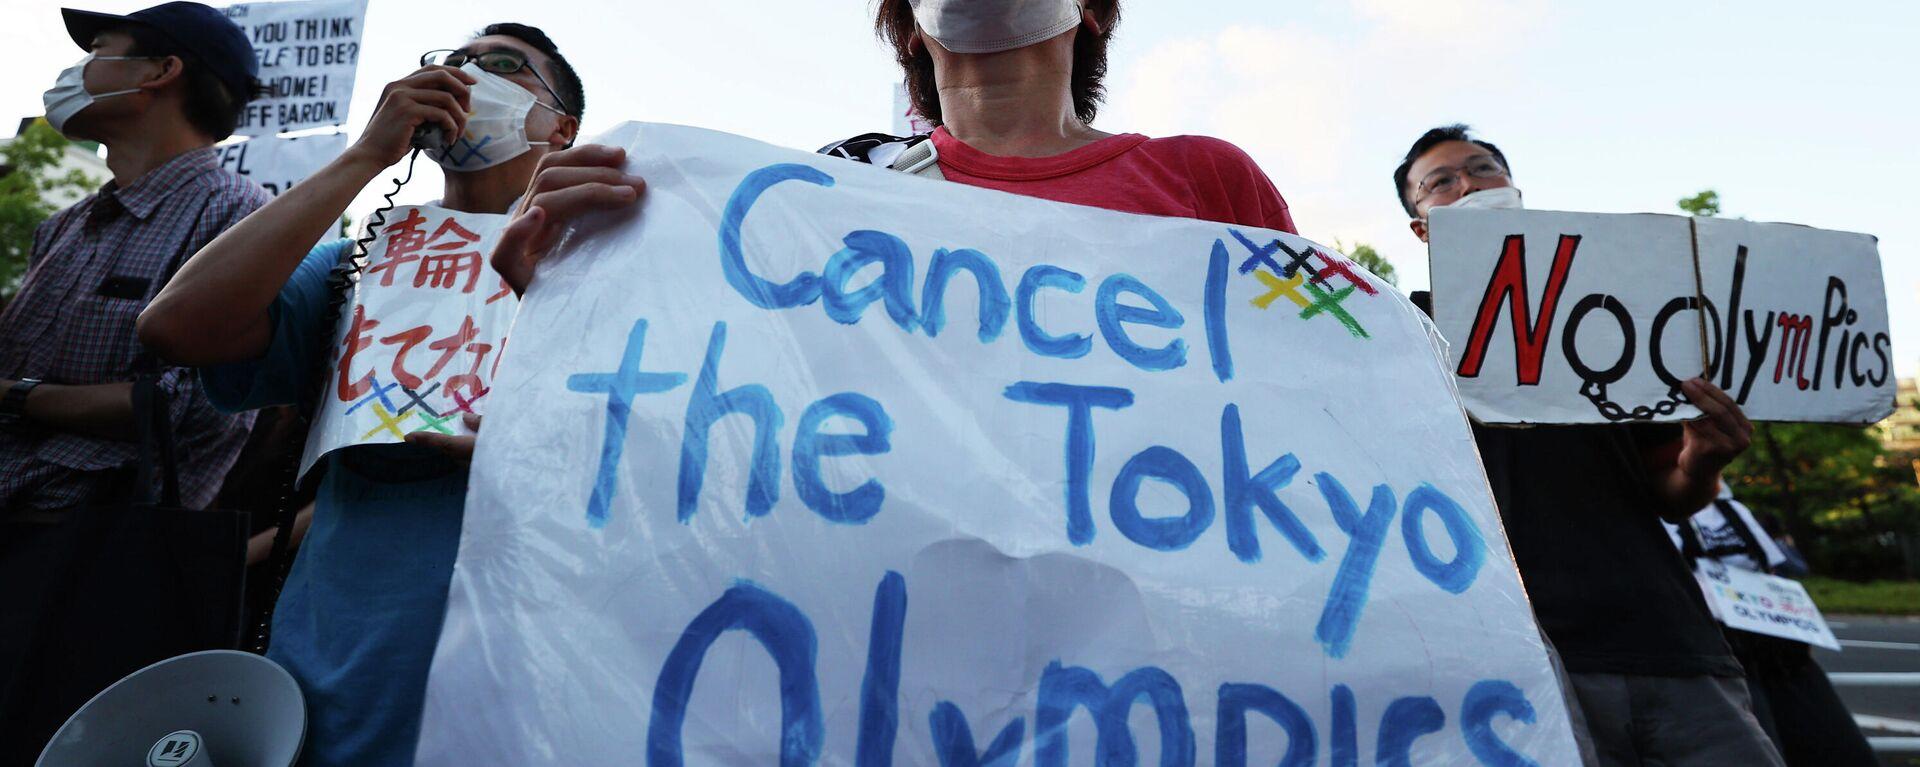 Manifestantes protestan contra la realización de los Juegos Olímpicos de Tokio - Sputnik Mundo, 1920, 23.07.2021